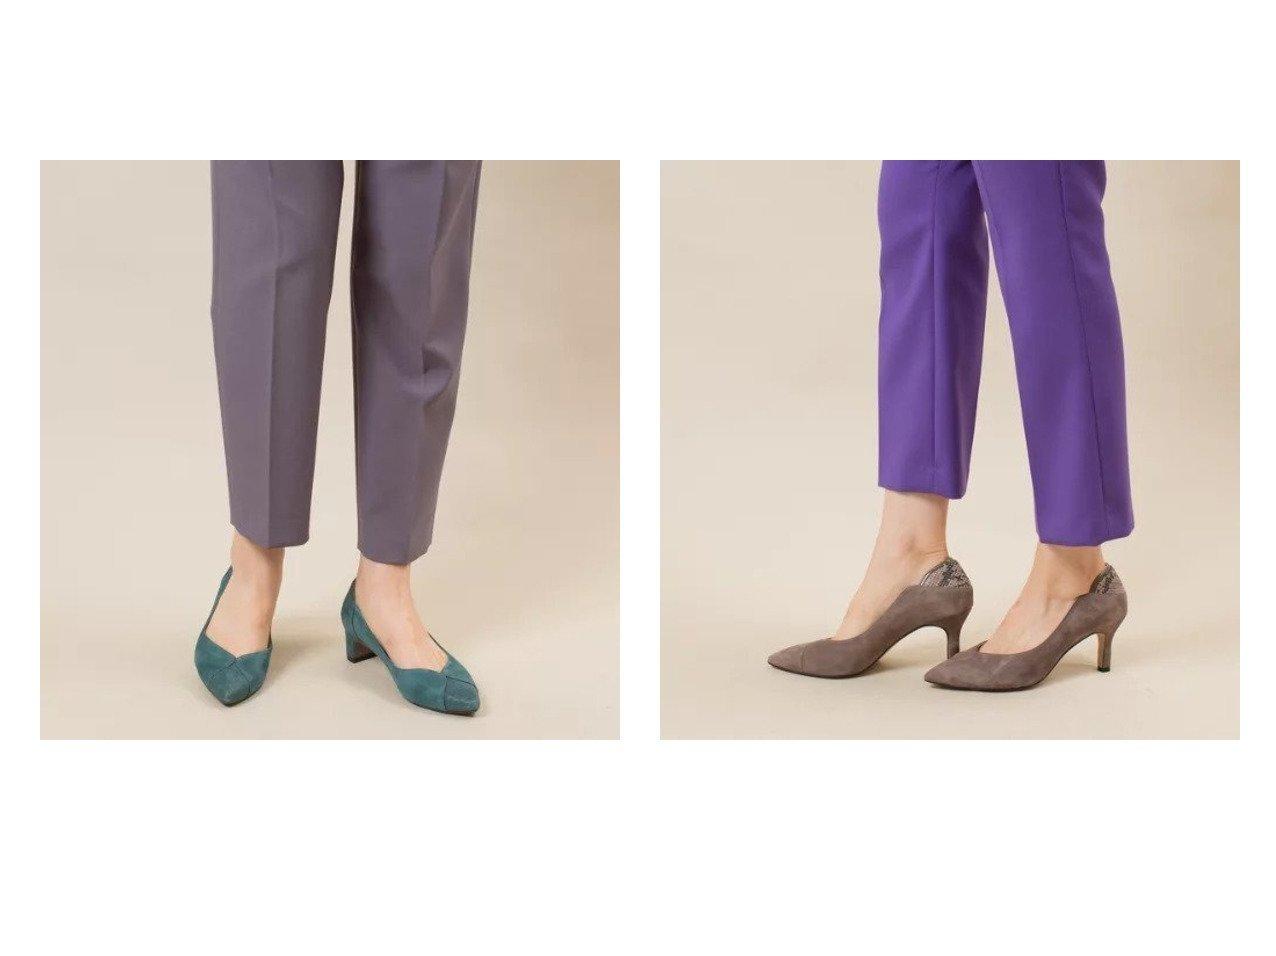 【Piche Abahouse/ピシェ アバハウス】のカーヴィライン ポインテッドパンプス&カラーブロック パンプス シューズ・靴のおすすめ!人気、トレンド・レディースファッションの通販  おすすめで人気の流行・トレンド、ファッションの通販商品 メンズファッション・キッズファッション・インテリア・家具・レディースファッション・服の通販 founy(ファニー) https://founy.com/ ファッション Fashion レディースファッション WOMEN クッション シューズ バタフライ フィット ブロック ワンポイント |ID:crp329100000010837